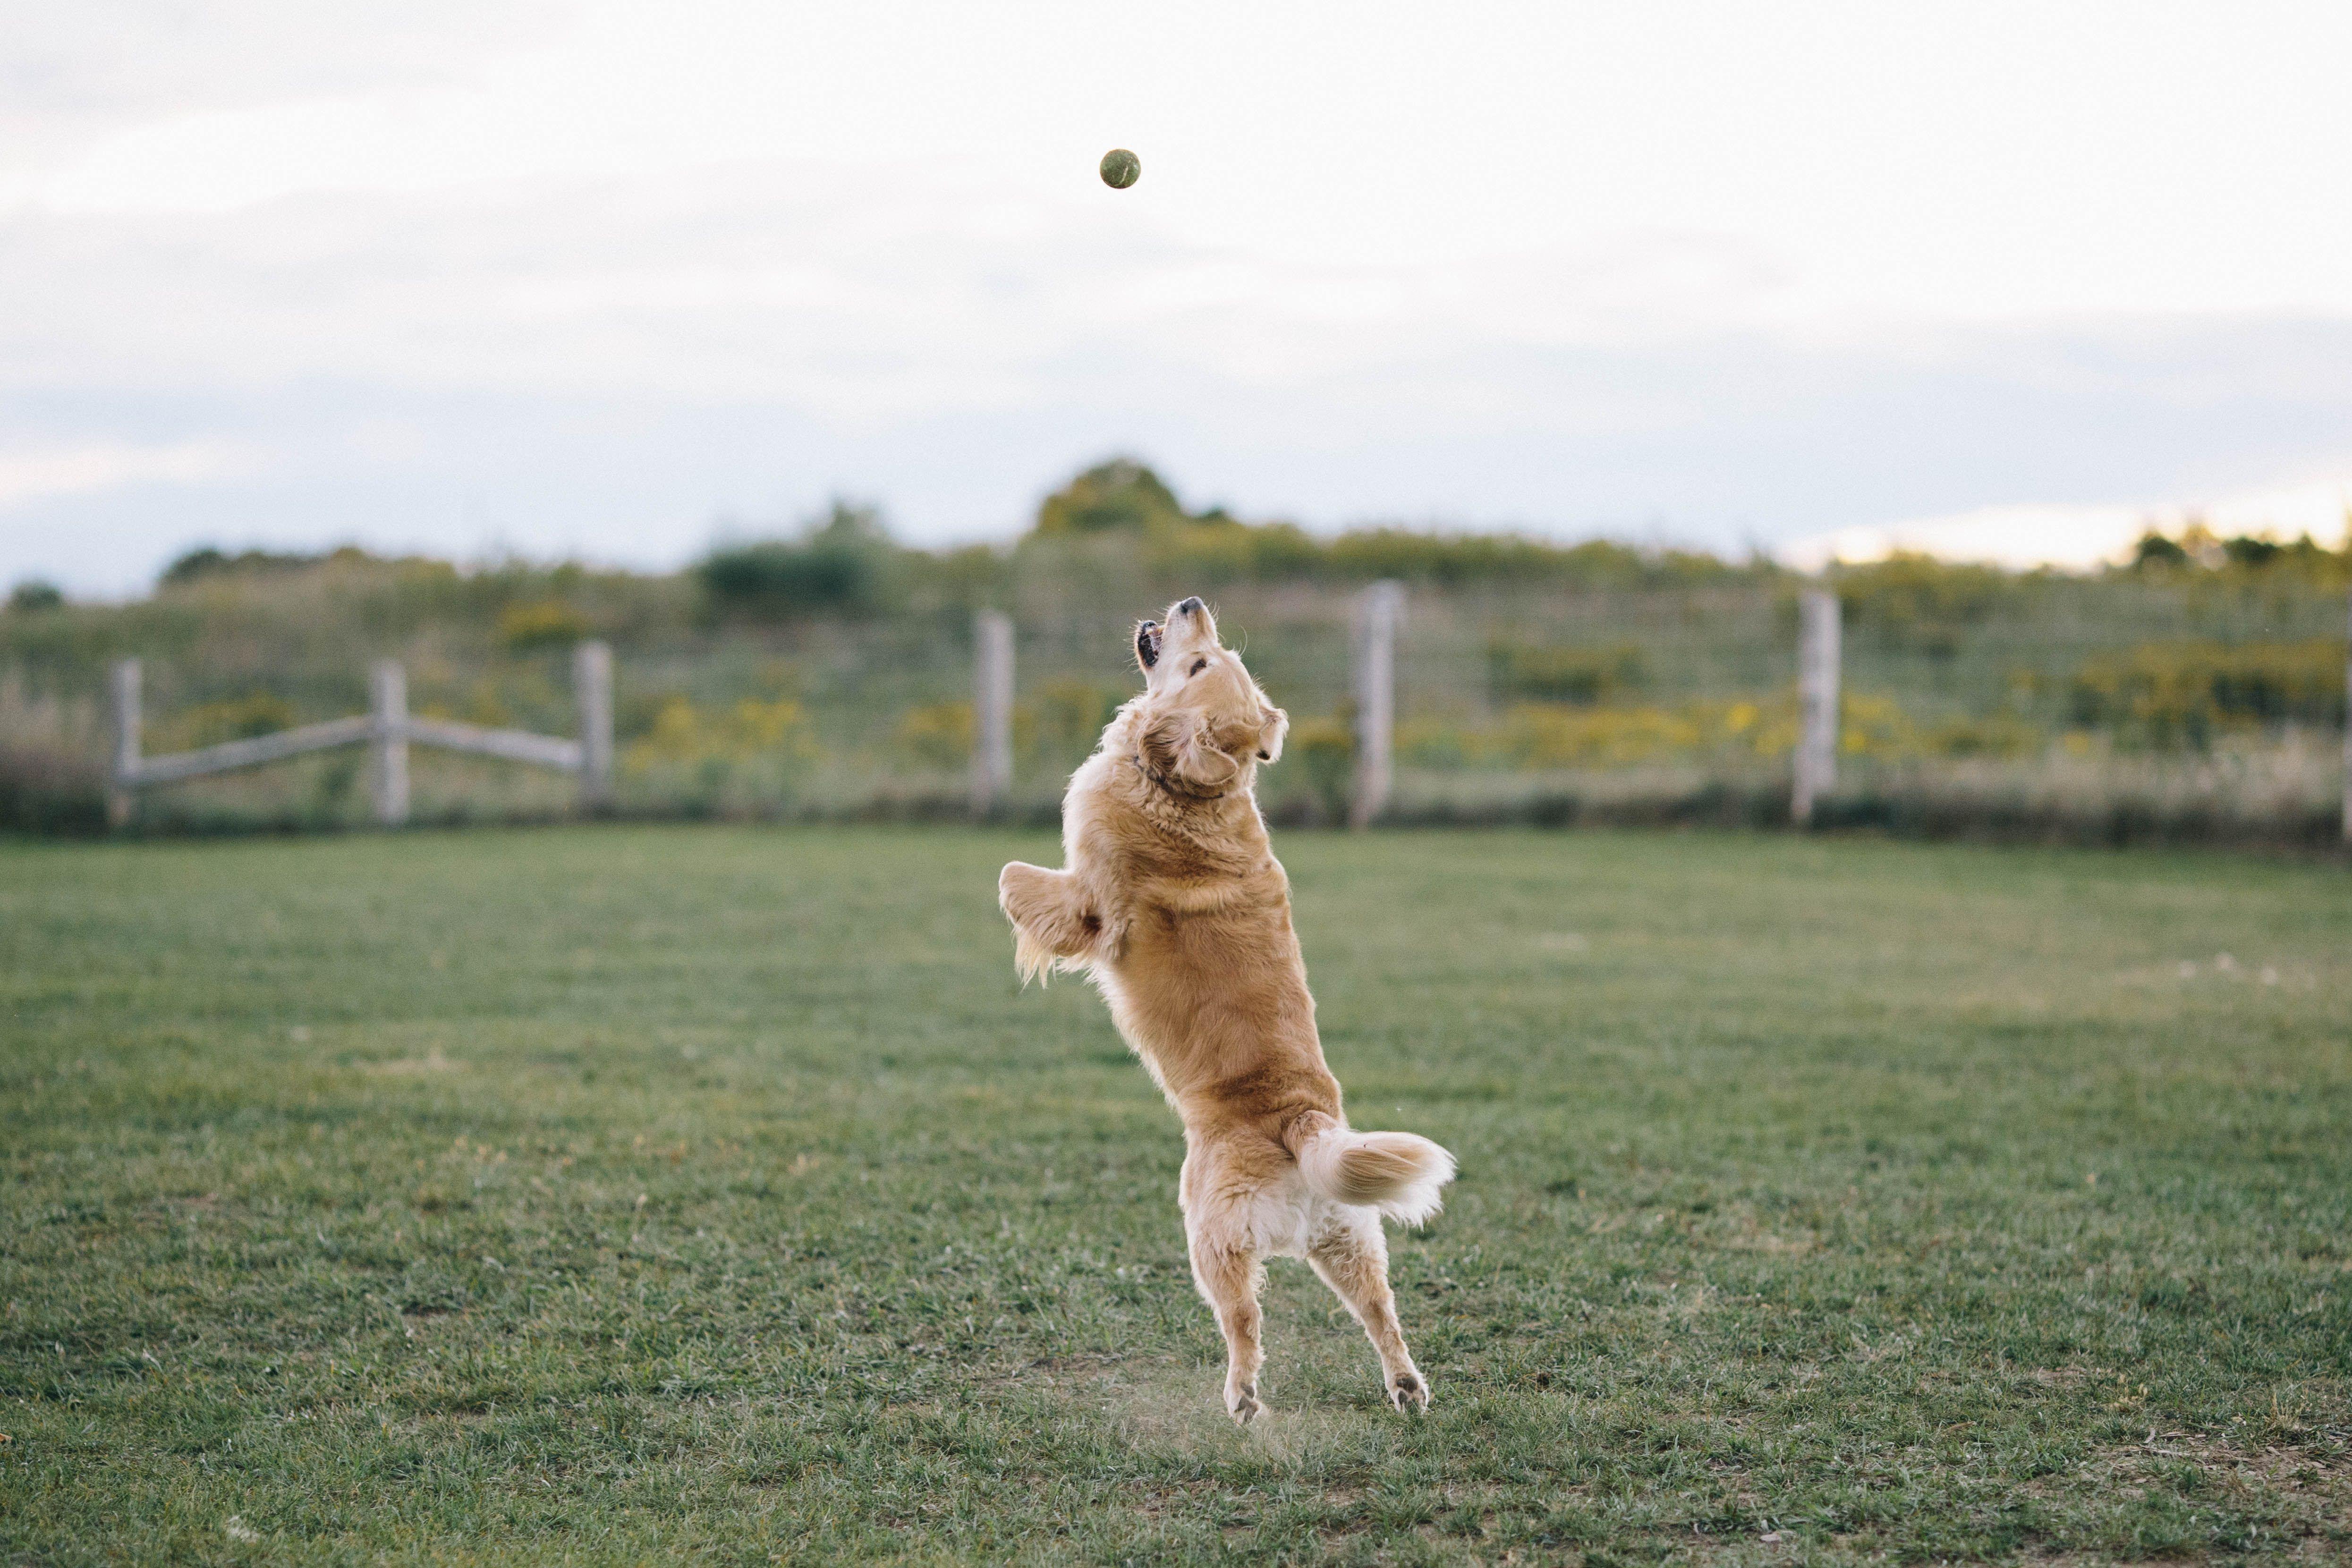 My Golden Retriever Jumping For A Ball Http Ift Tt 2duuneu Via